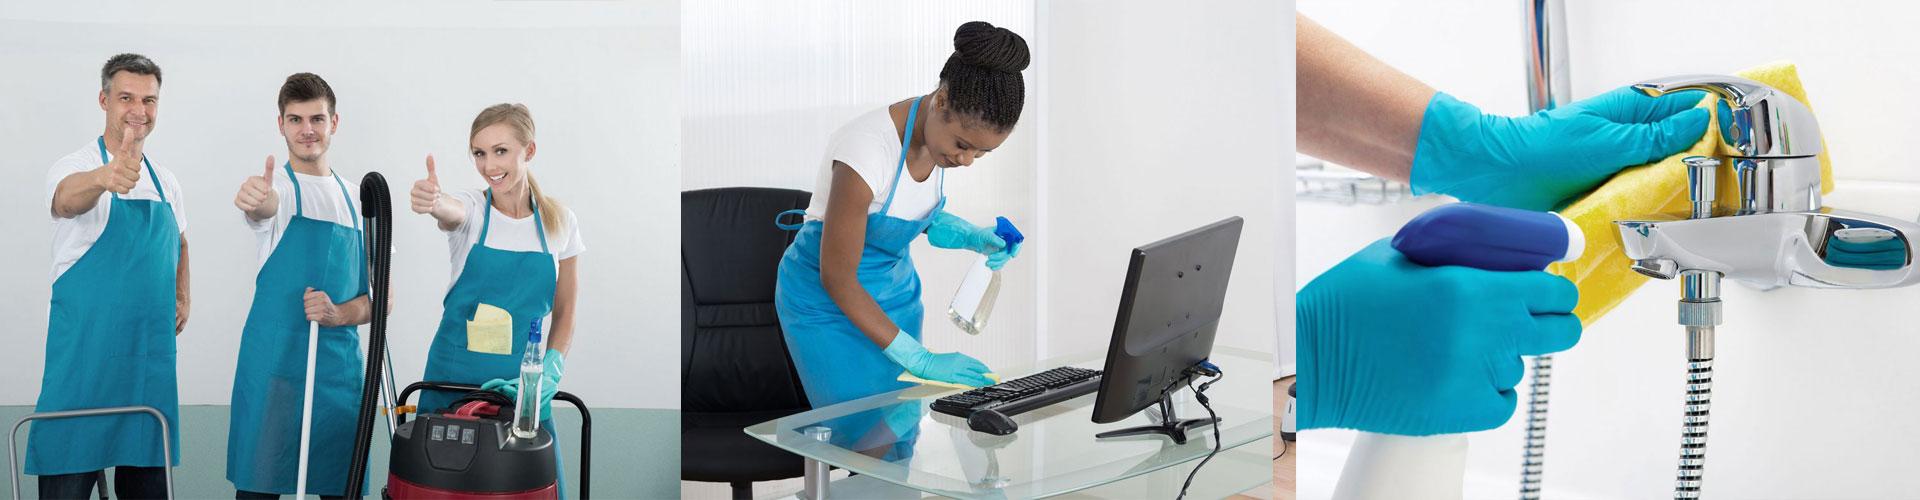 entreprise de nettoyage propret des locaux bureaux immeubles paris. Black Bedroom Furniture Sets. Home Design Ideas